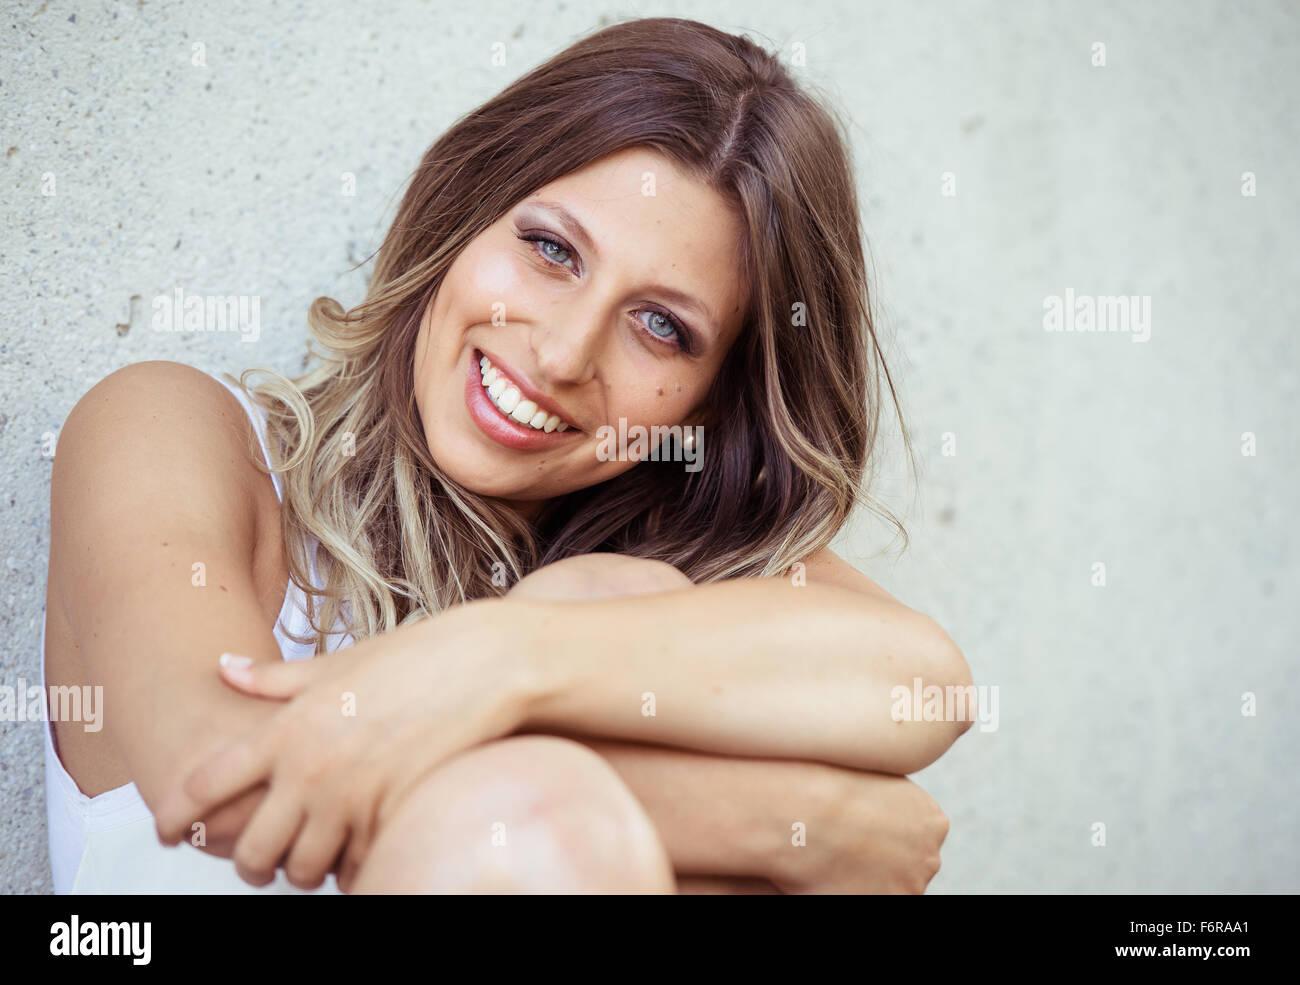 Junge, hübsche Frau, Lächeln, mit langen Haaren und blauen Augen, Porträt Stockbild